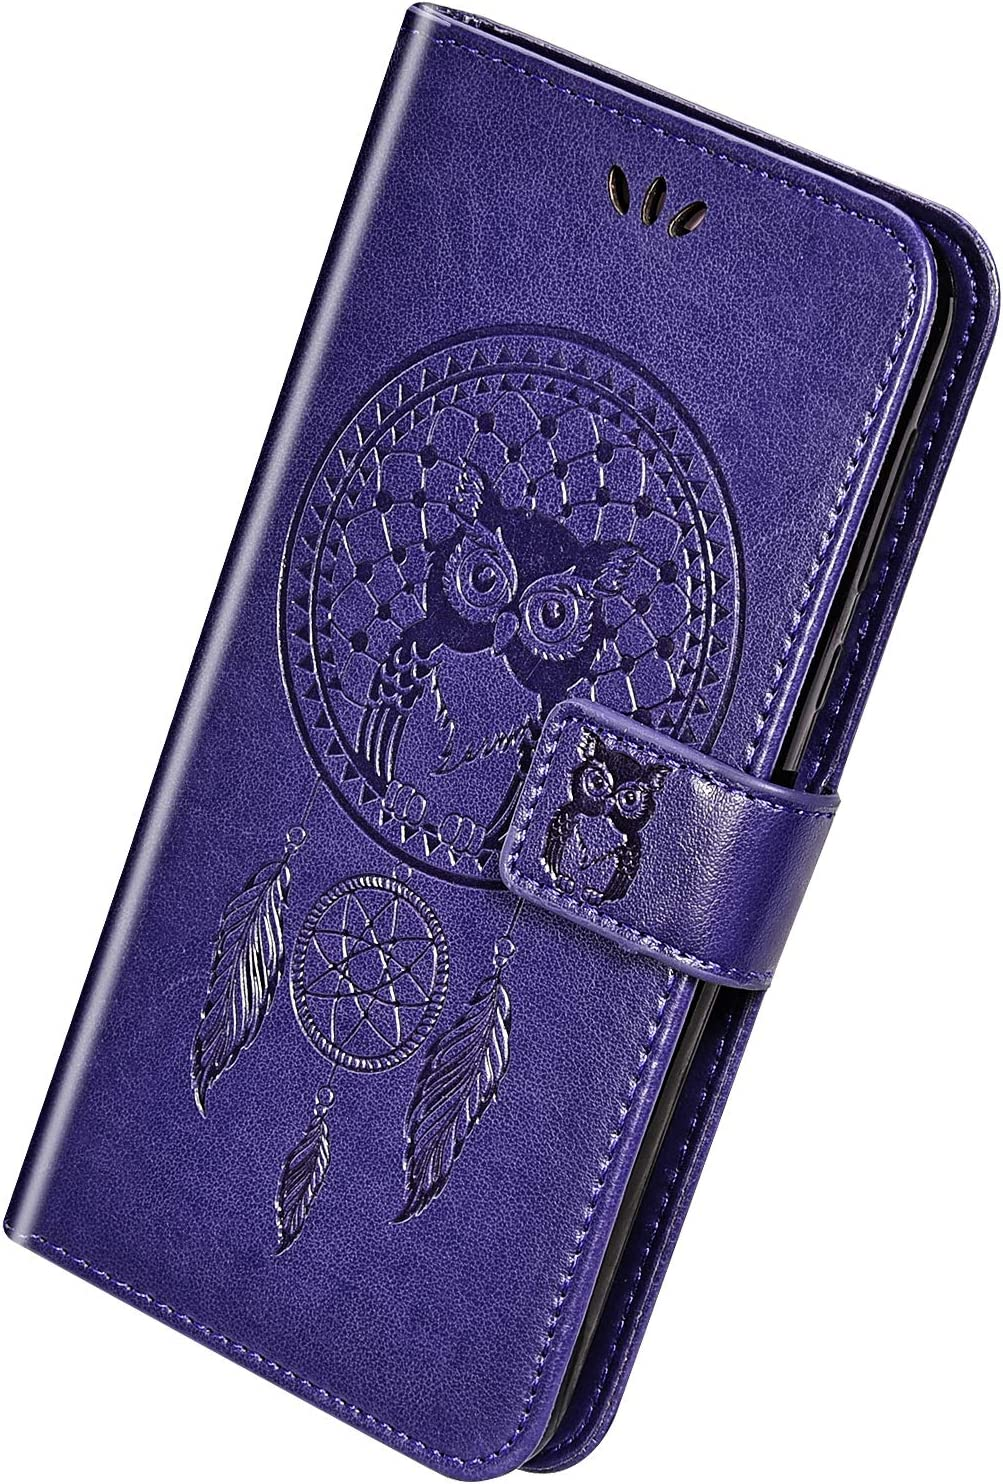 Herbests Compatible avec Huawei P20 Lite 2019 Coque Owl Case Wind Chime Motif Embosser Flip Cuir Etui Protecteur avec Support et Carte Machines /à sous et Porte-Monnaie Pochette Housse,Gris